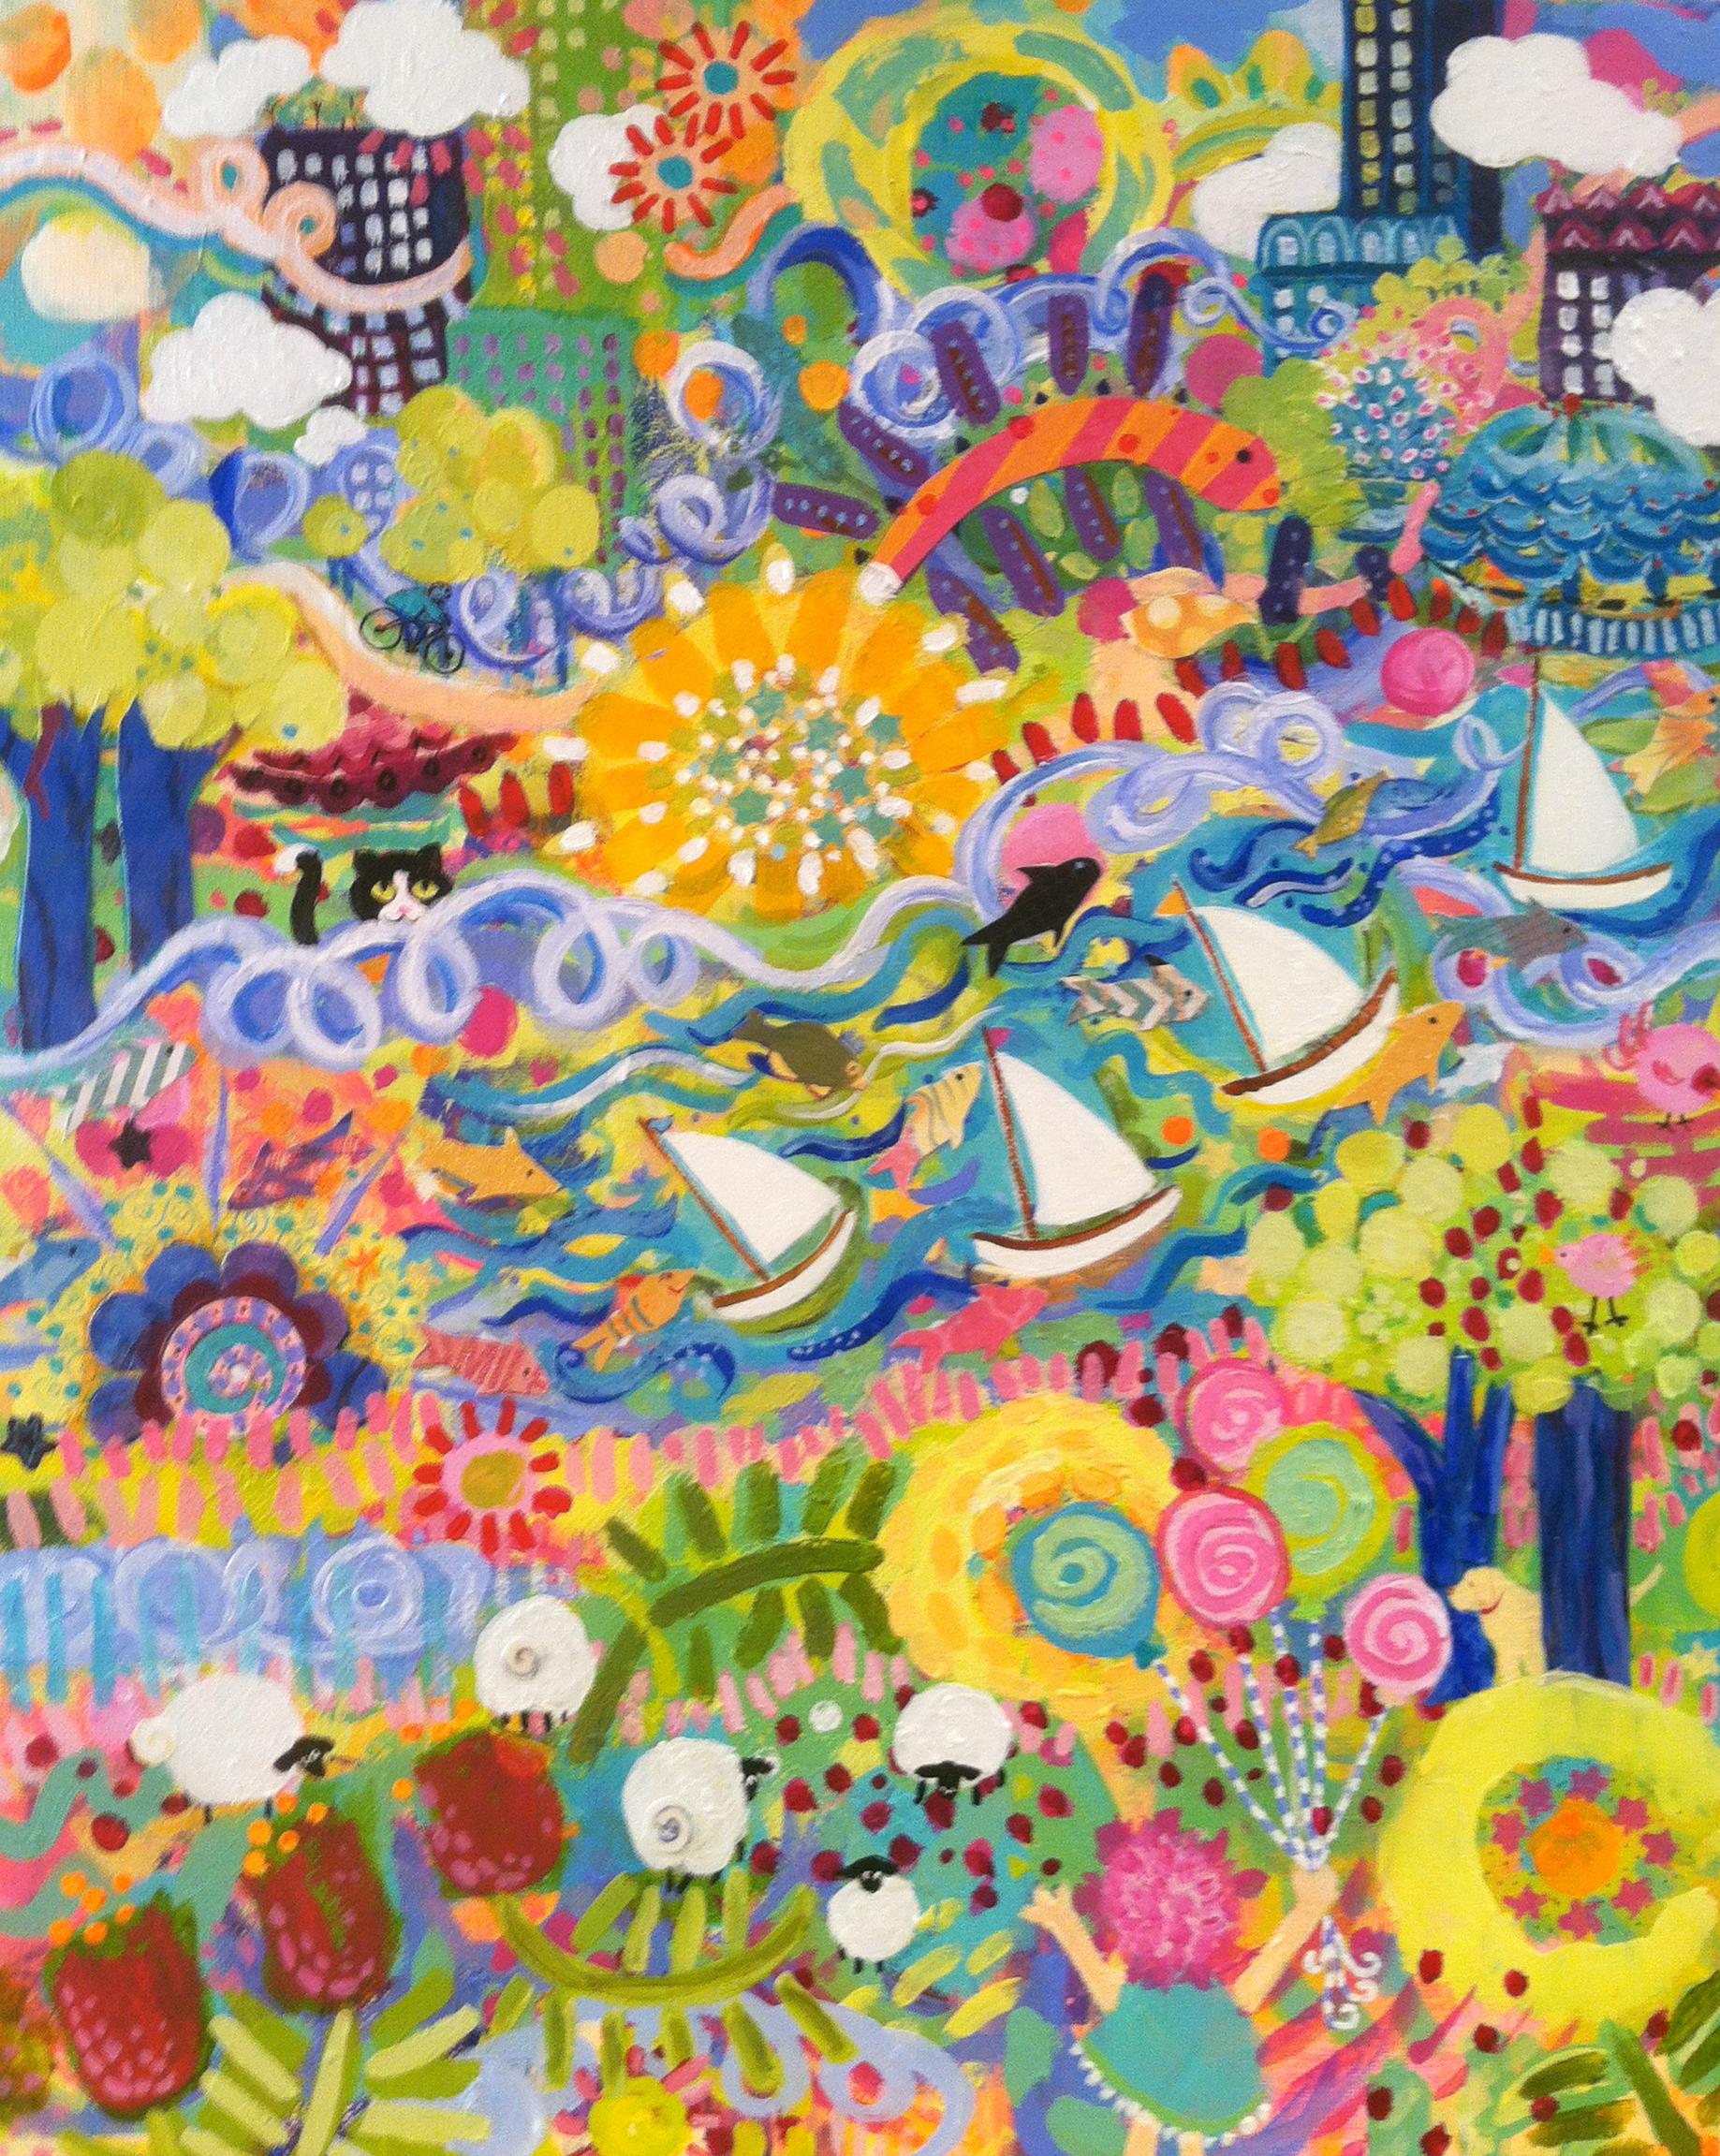 """https://1-deborah-burow.pixels.com/featured/central-park-deborah-burow.html  Central Park 16"""" x 20"""", acrylic with mixed media."""